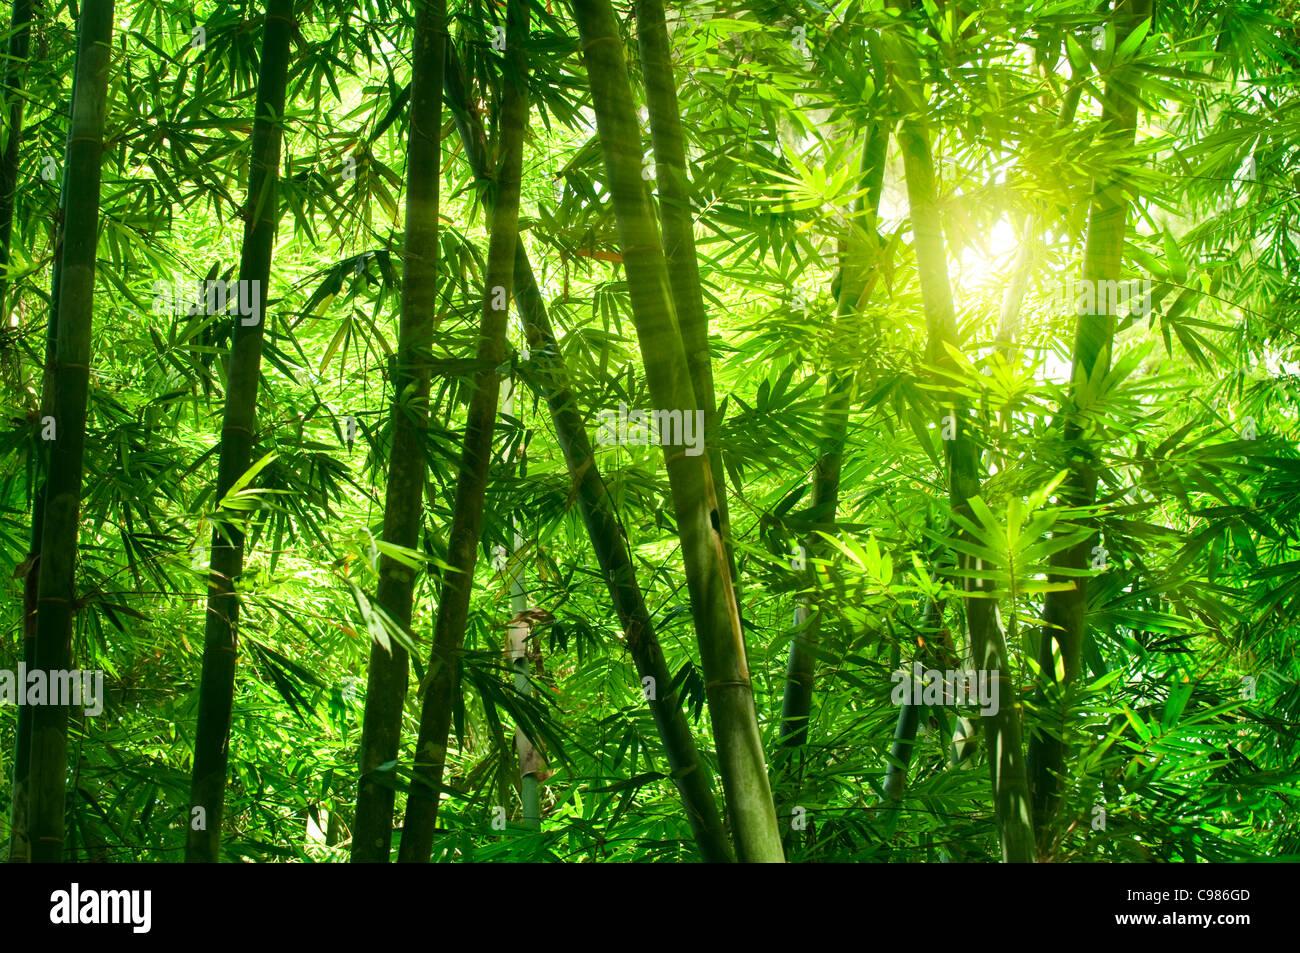 Forêt de bambous d'Asie avec la lumière du soleil du matin. Photo Stock